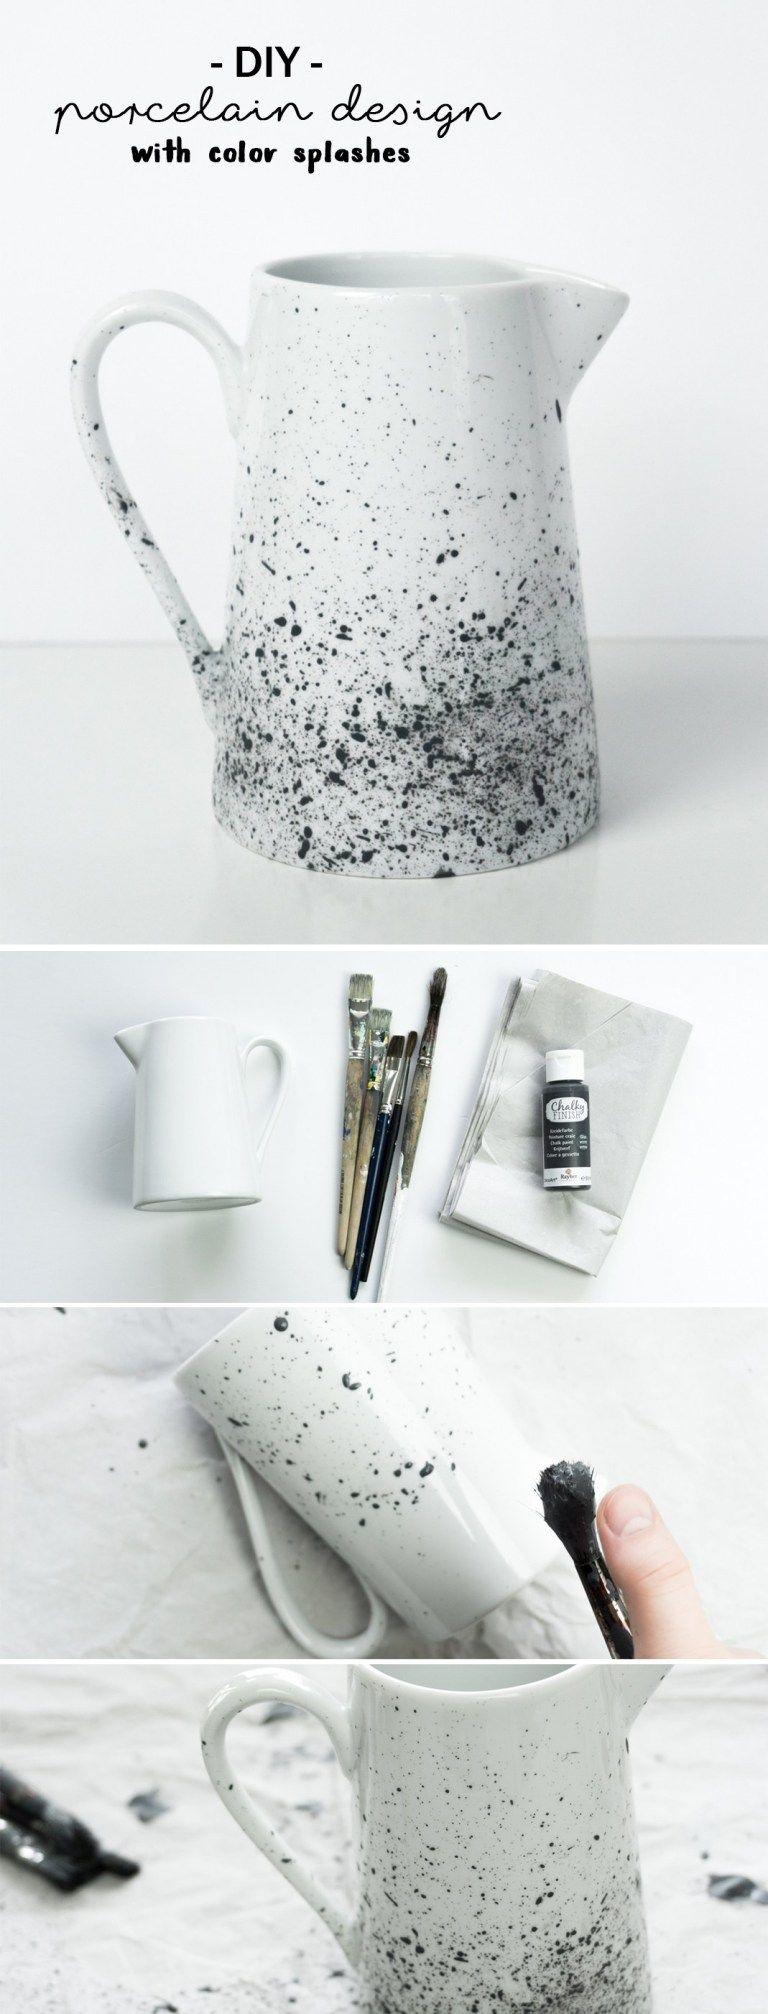 DIY Porzellan bemalen: Kanne mit Sprenkelmuster #ceramiccafe